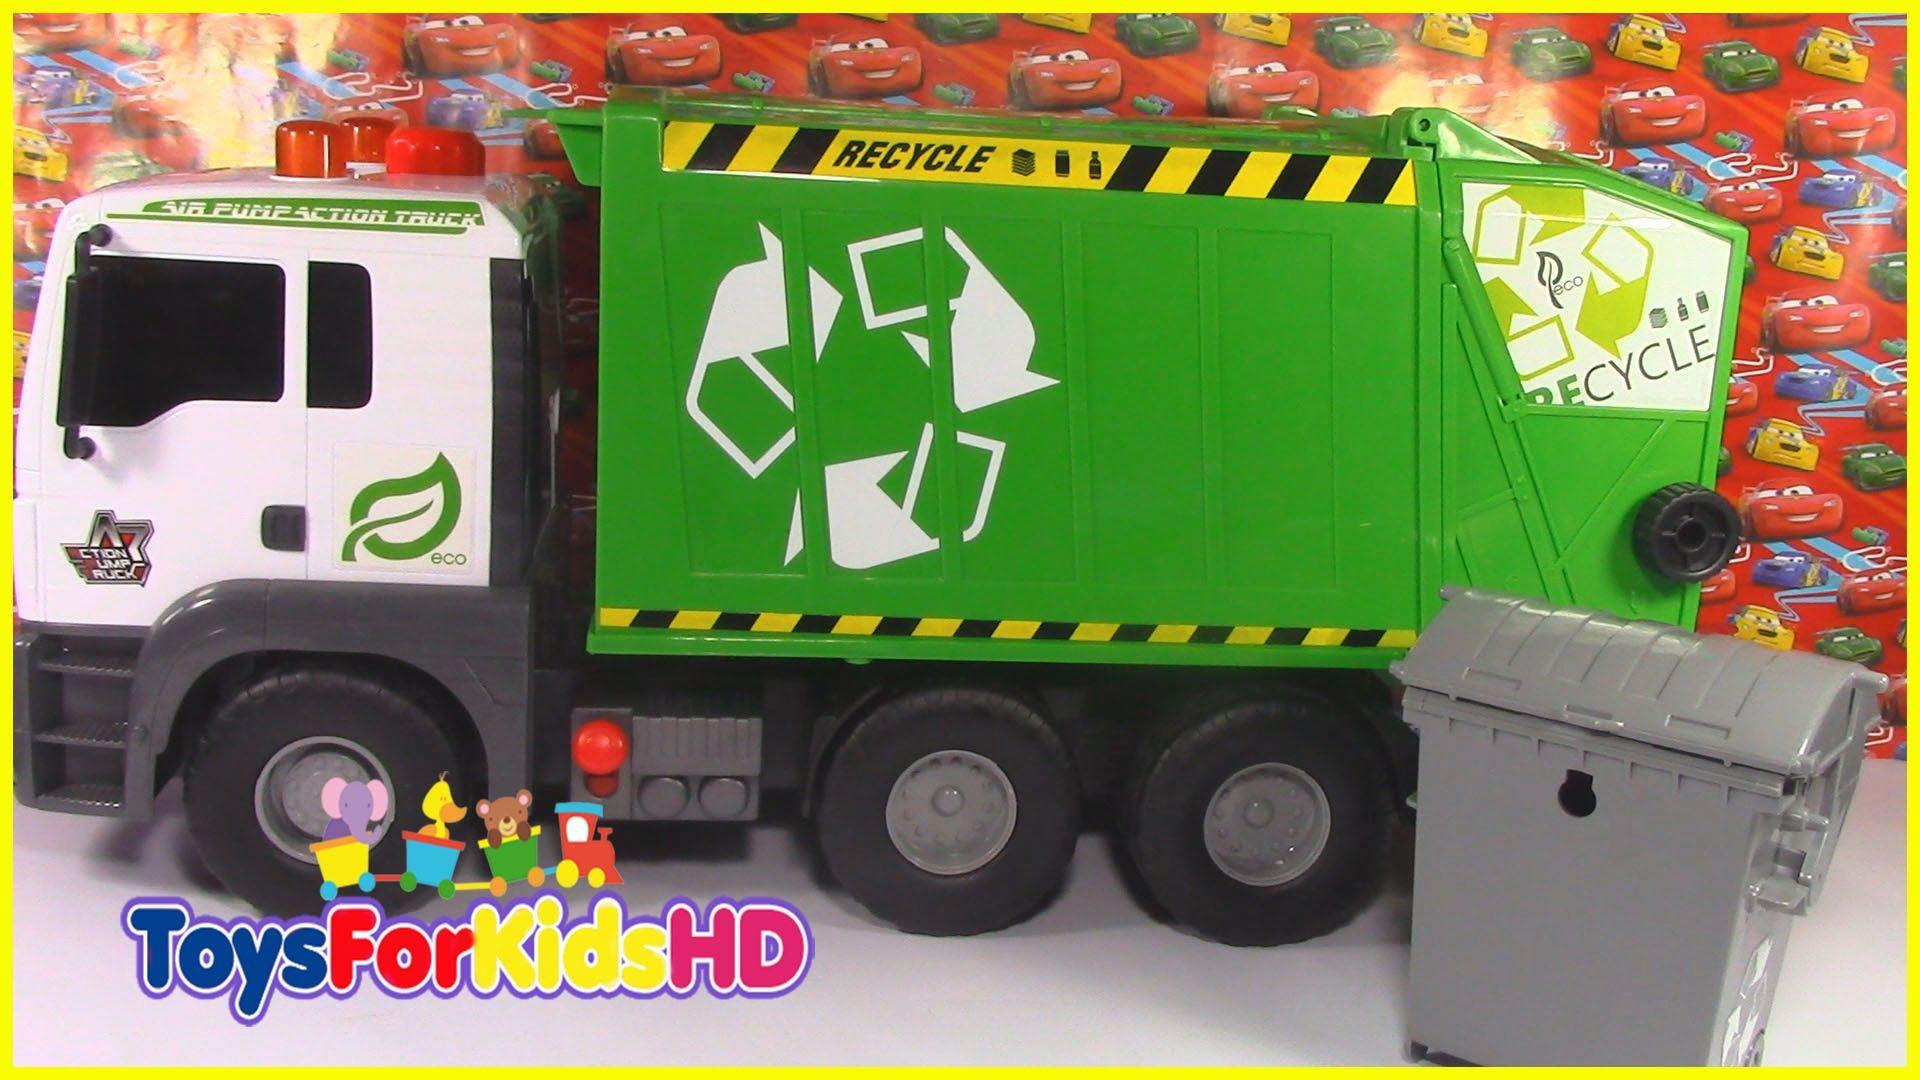 Carros Para Ninos Camion De Reciclaje Juguetes Para Ninos Camion Recolector De Basura Reciclaje Juguetes Juguetes Para Ninas Manualidades Con Palitos De Helado